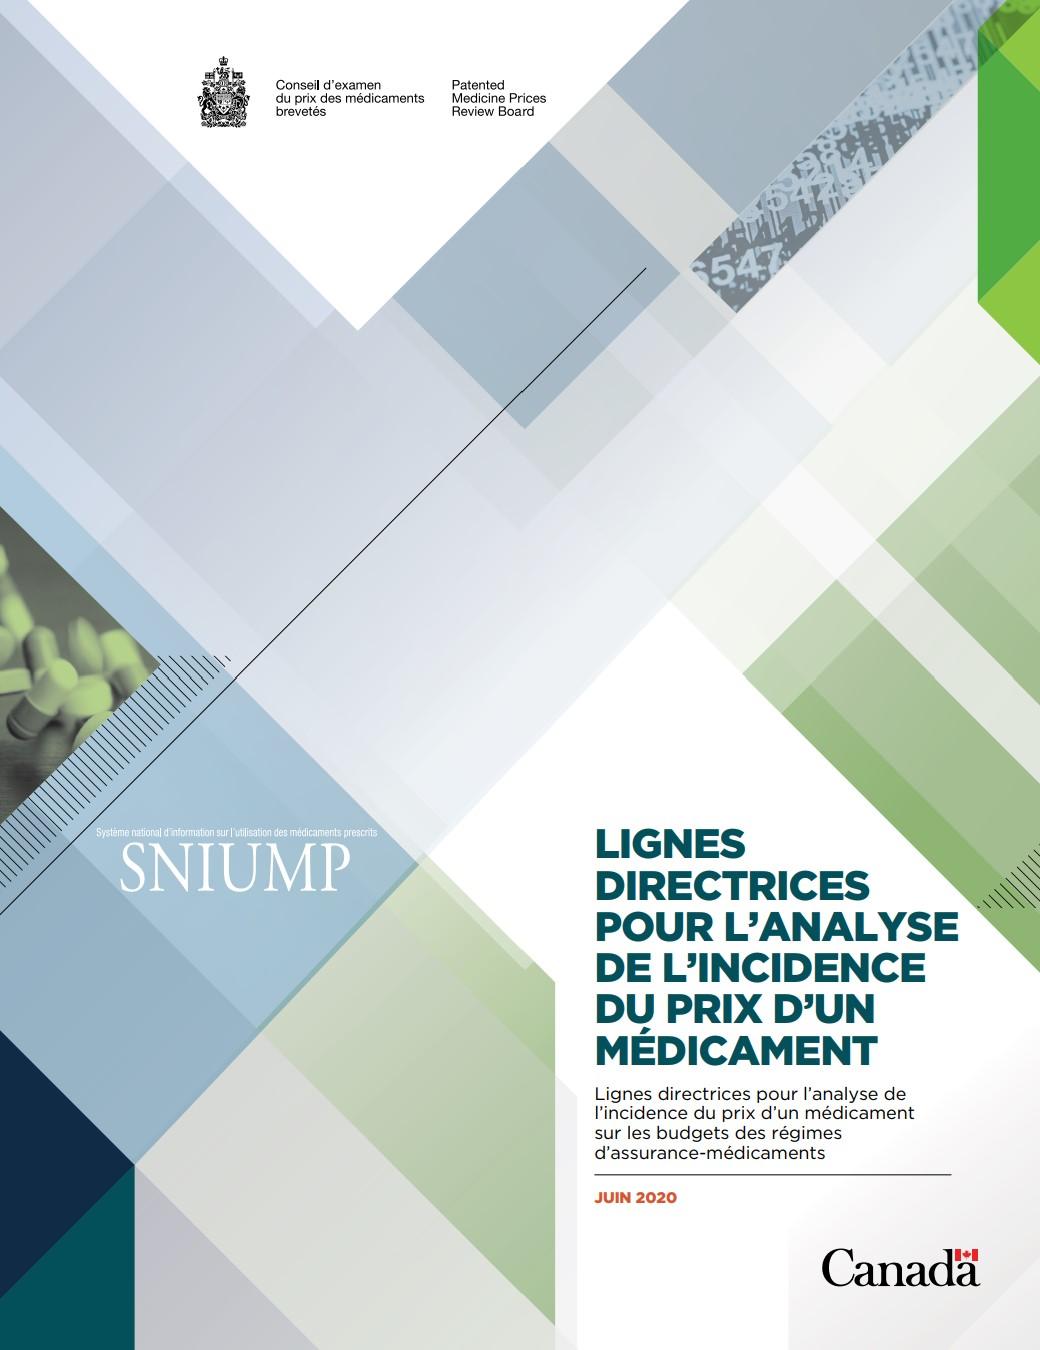 Lignes directrices pour l'analyse de l'incidence du prix d'un médicament